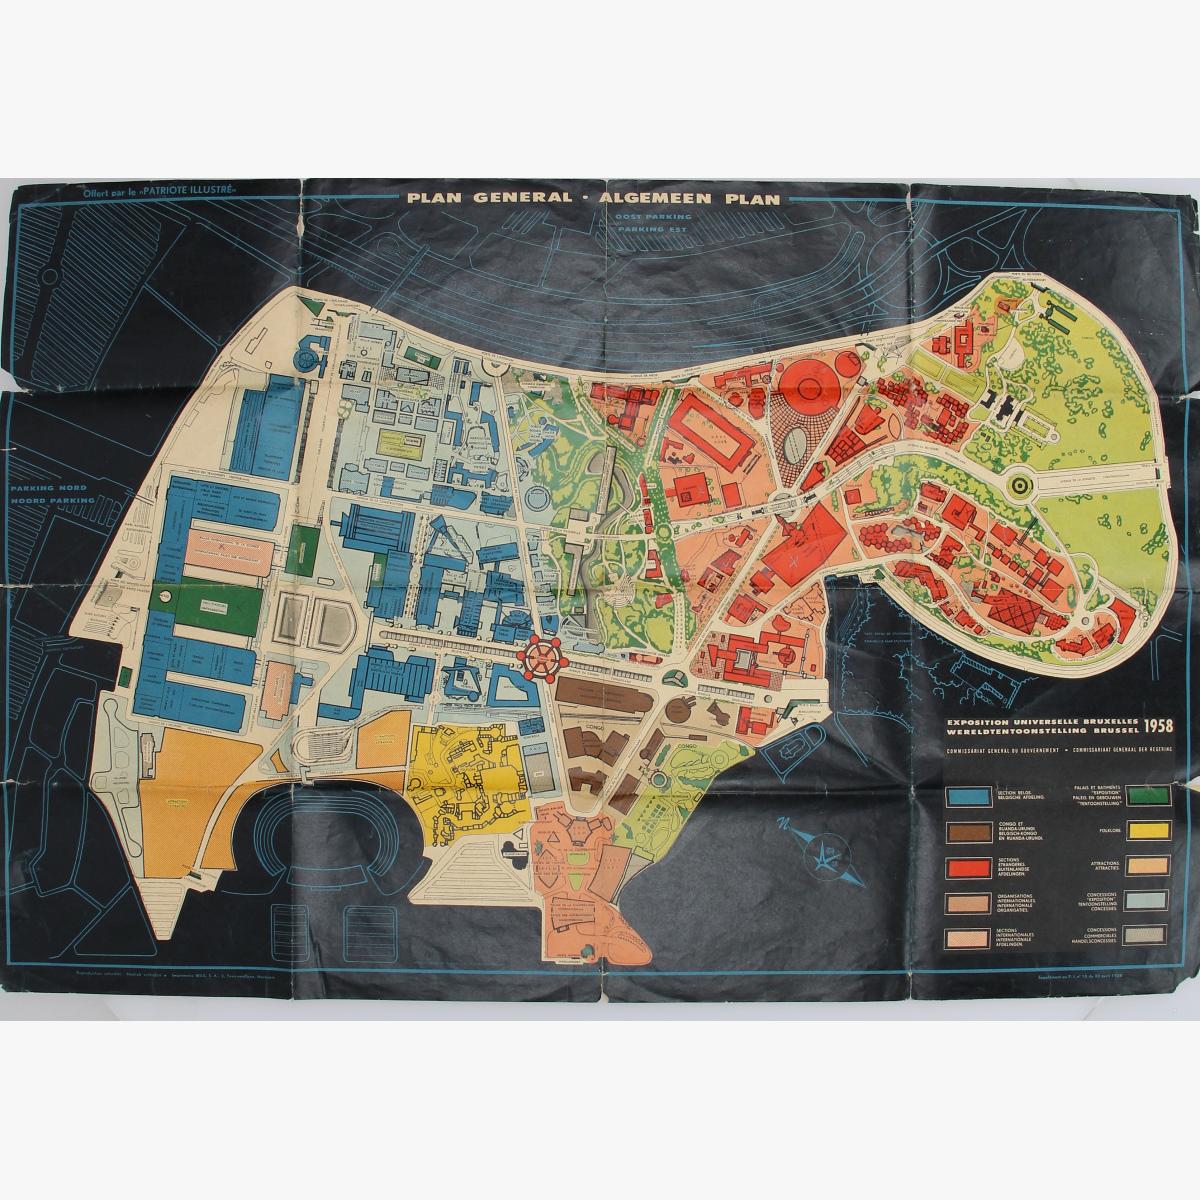 Afbeeldingen van expo 58 algemeen plan  wereldtentoonstelling brussel 1958